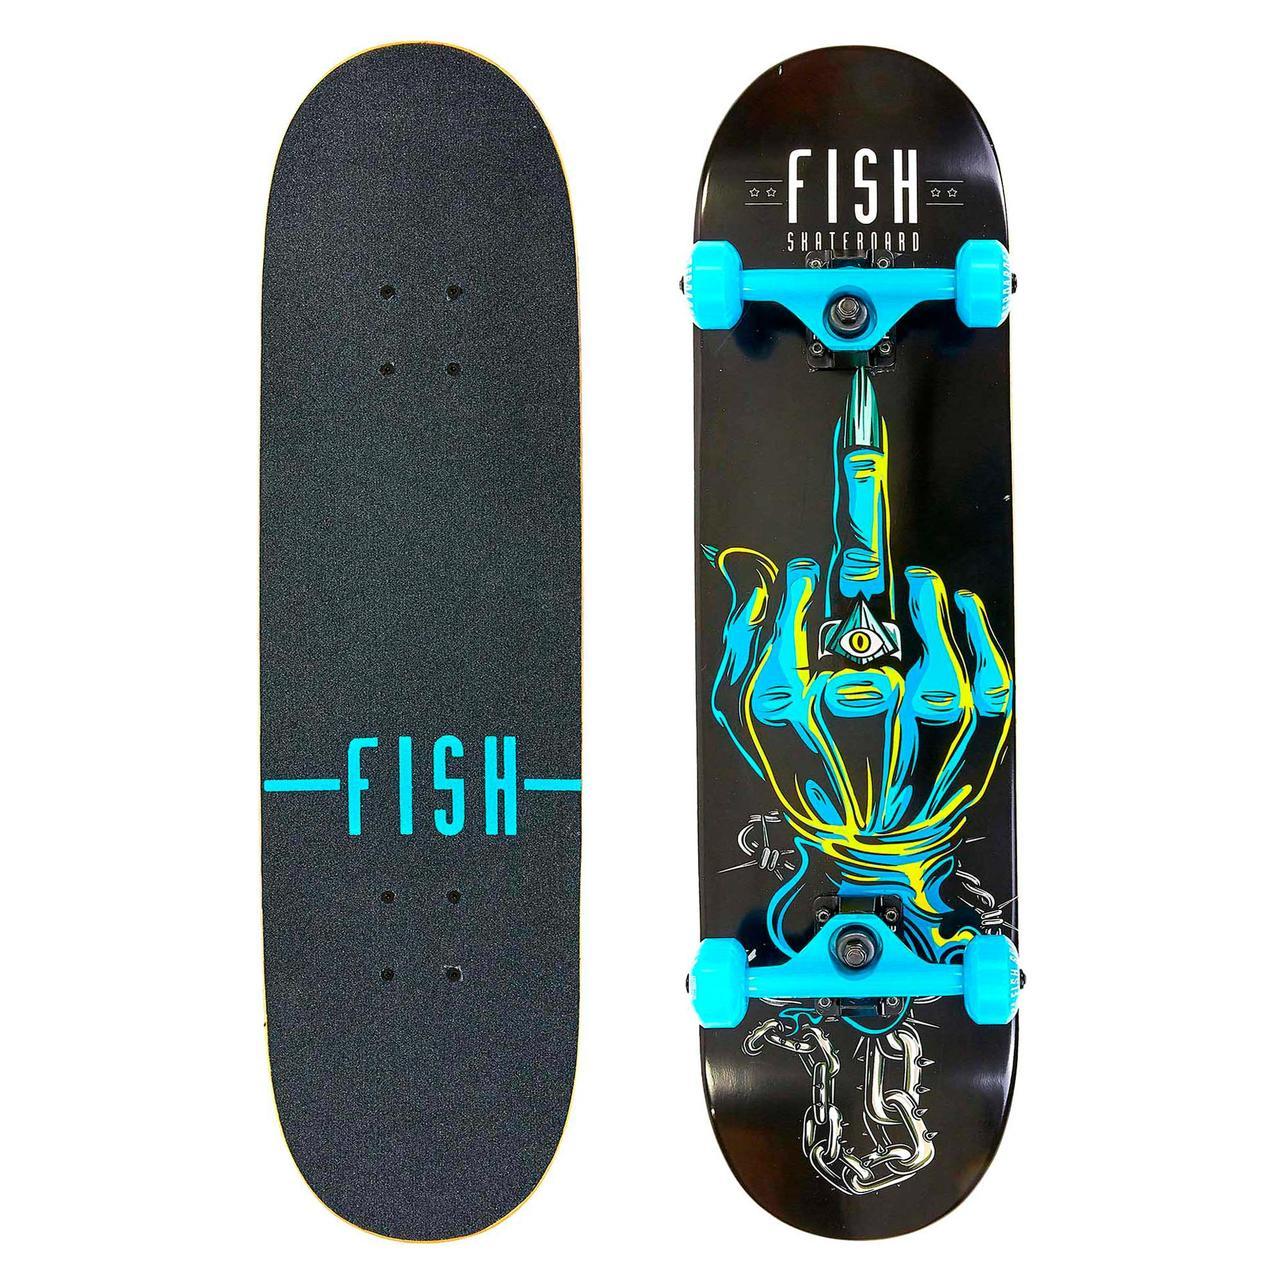 Скейтборд трюкової Fish Skateboards 79 см скейт